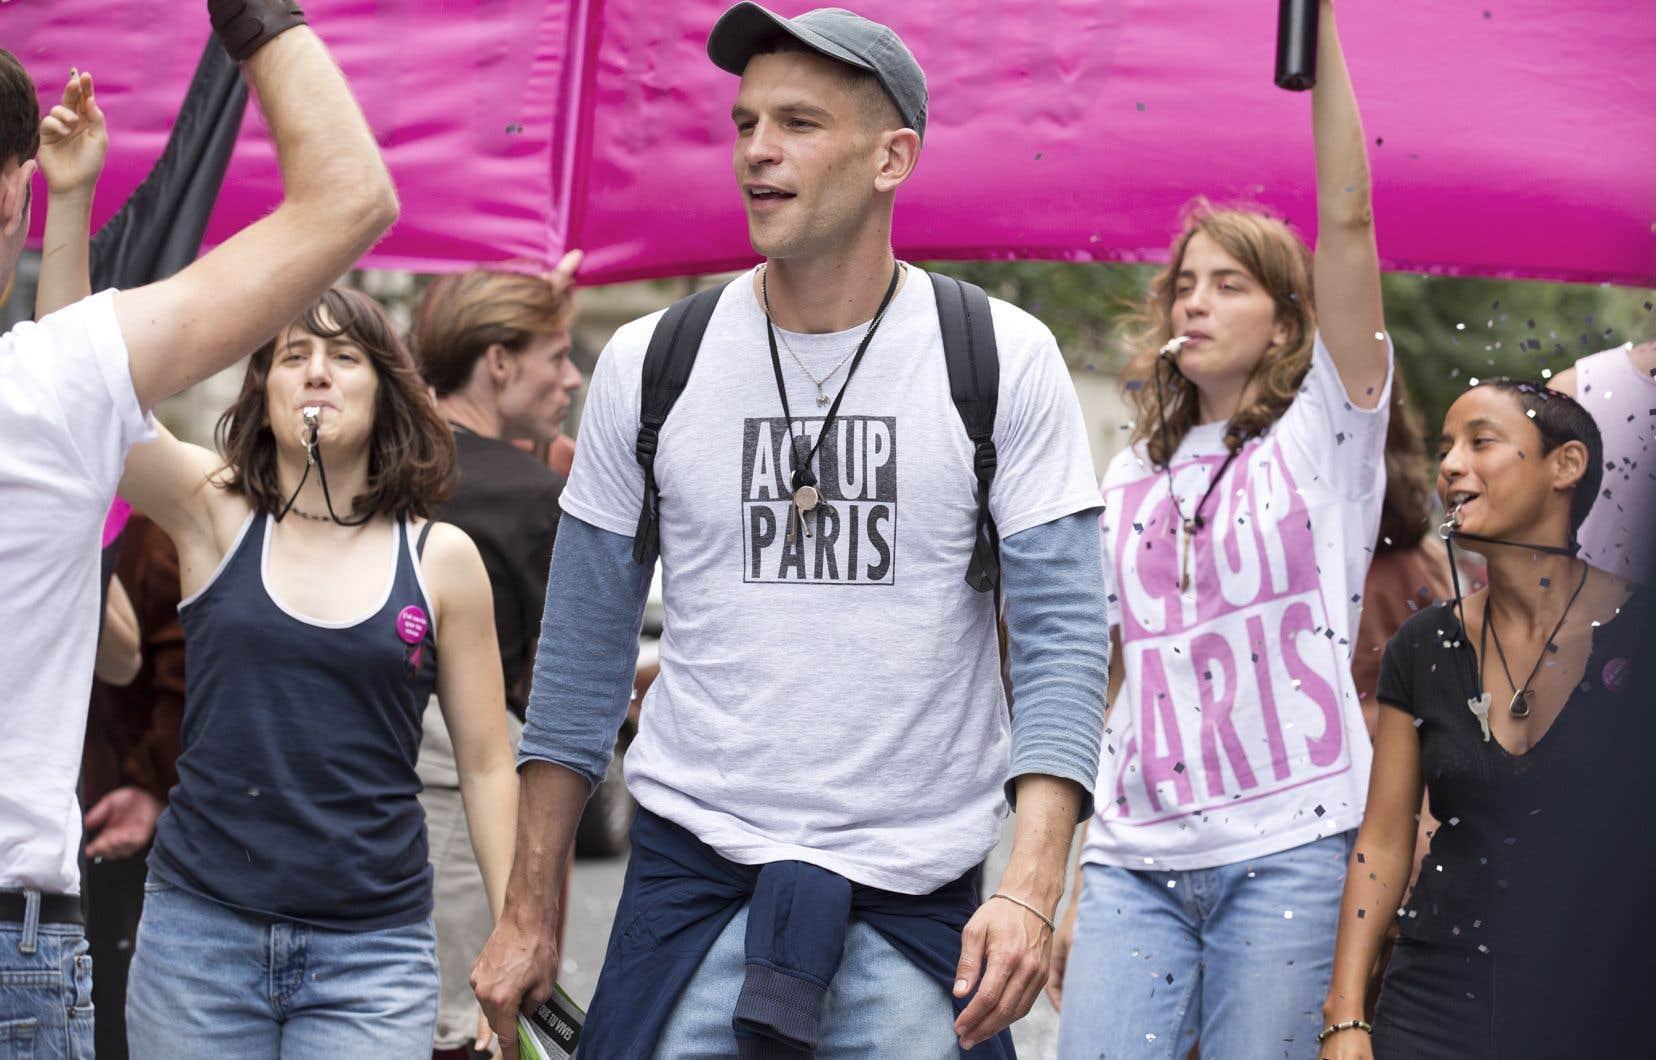 Le film «120 battements par minute» est une grande fresque sur les années sida en France à travers le combat de l'association Act Up.